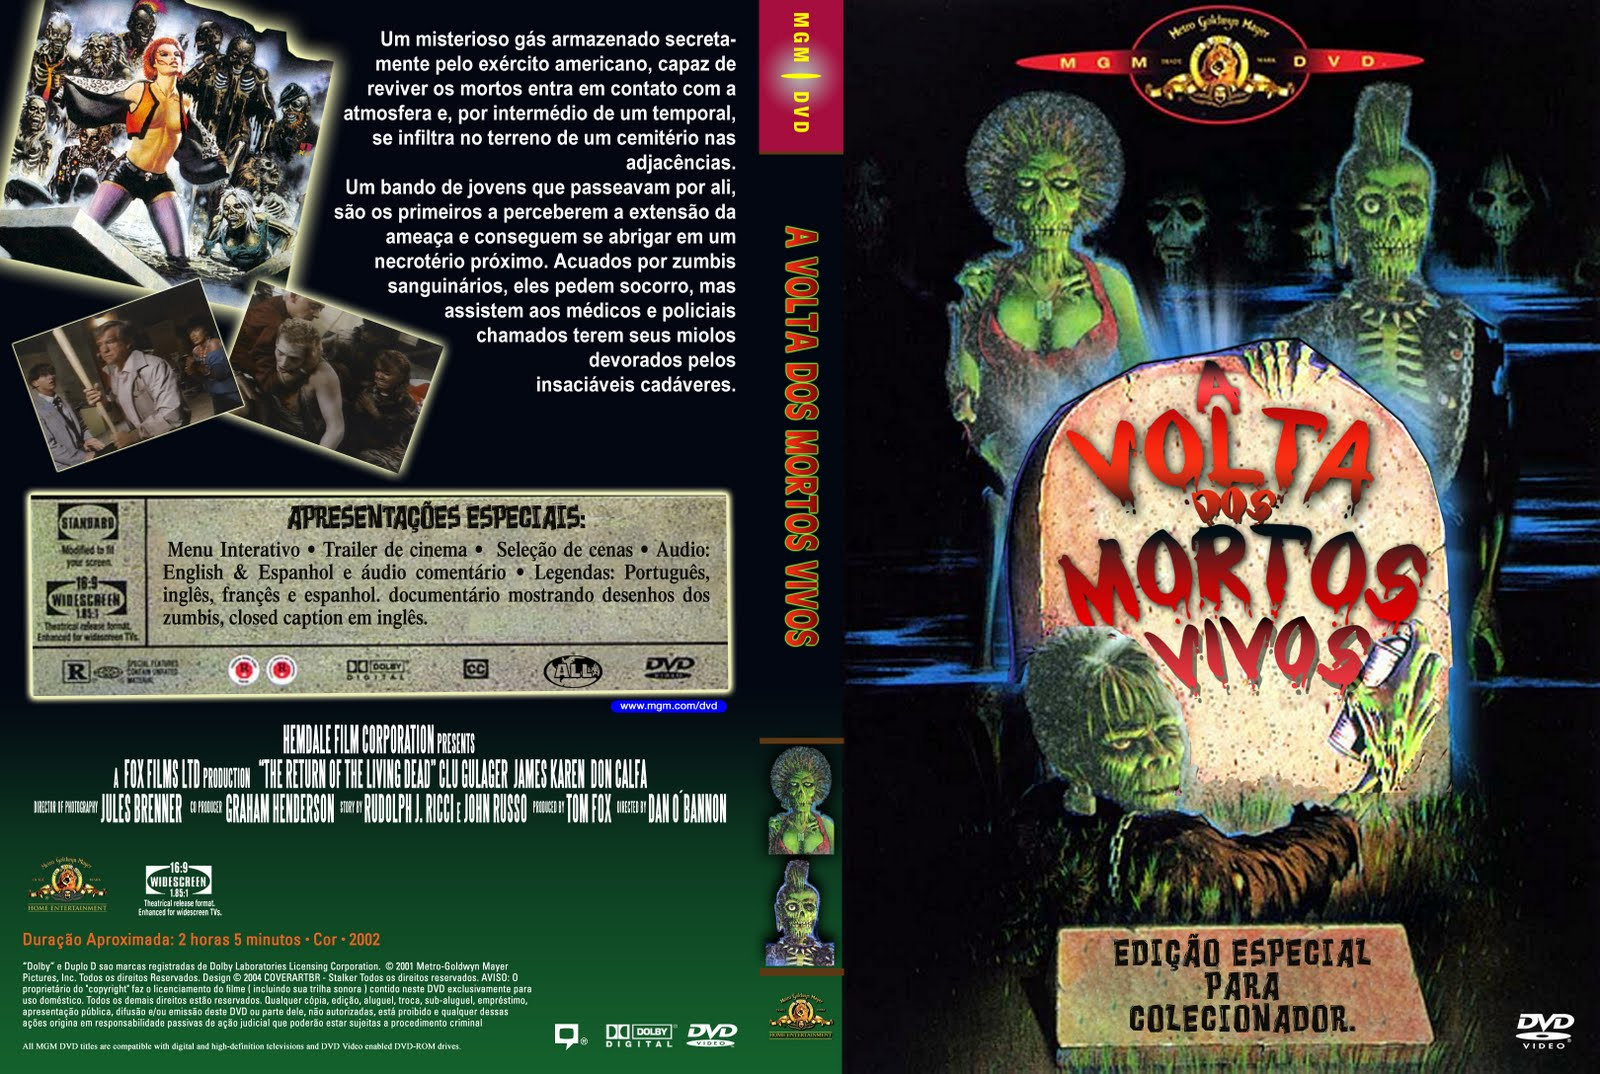 Capas Medina  Somente Capas de DVD A Volta dos Mortos Vivos